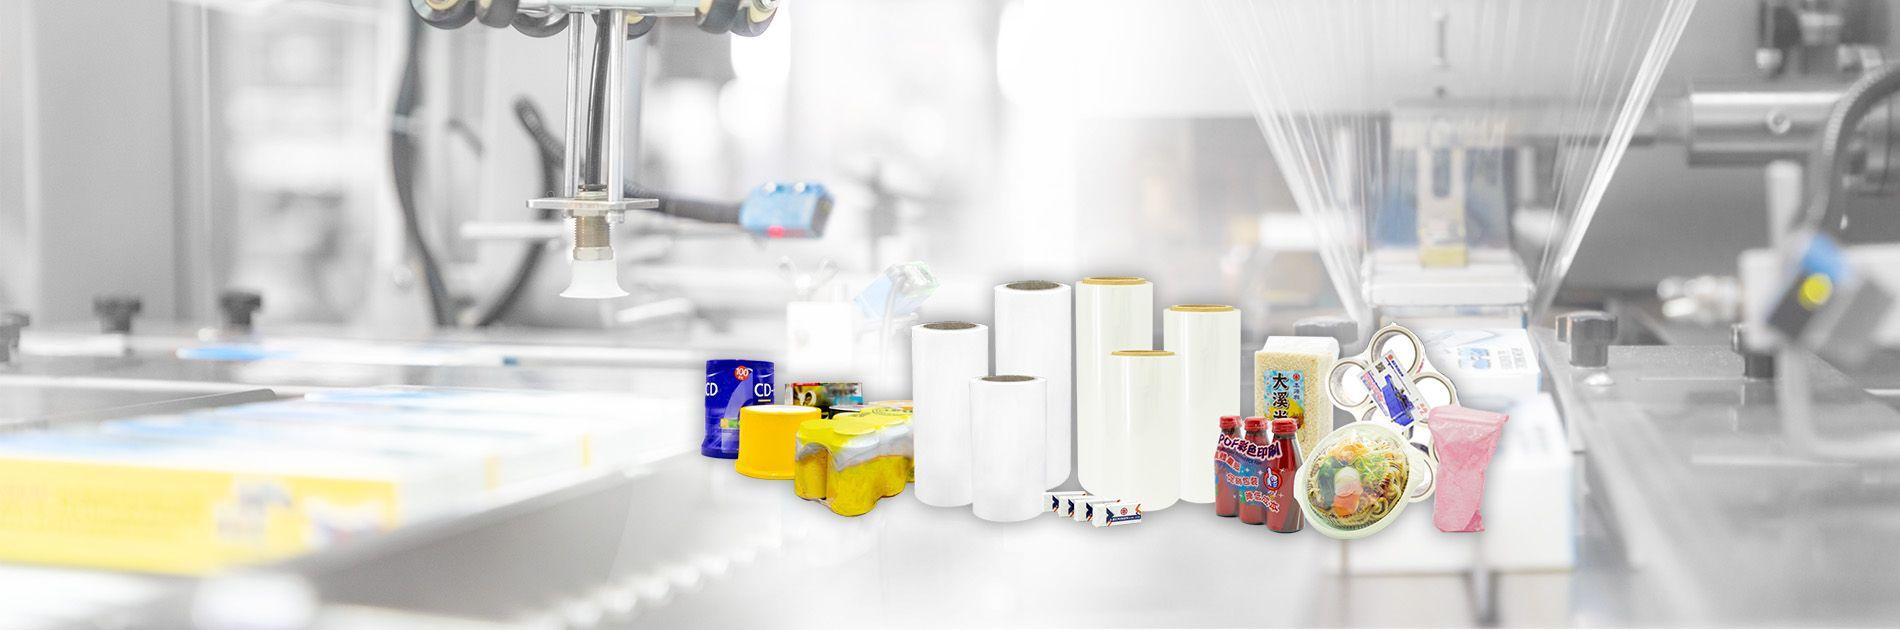 Emballage Machines et matériel